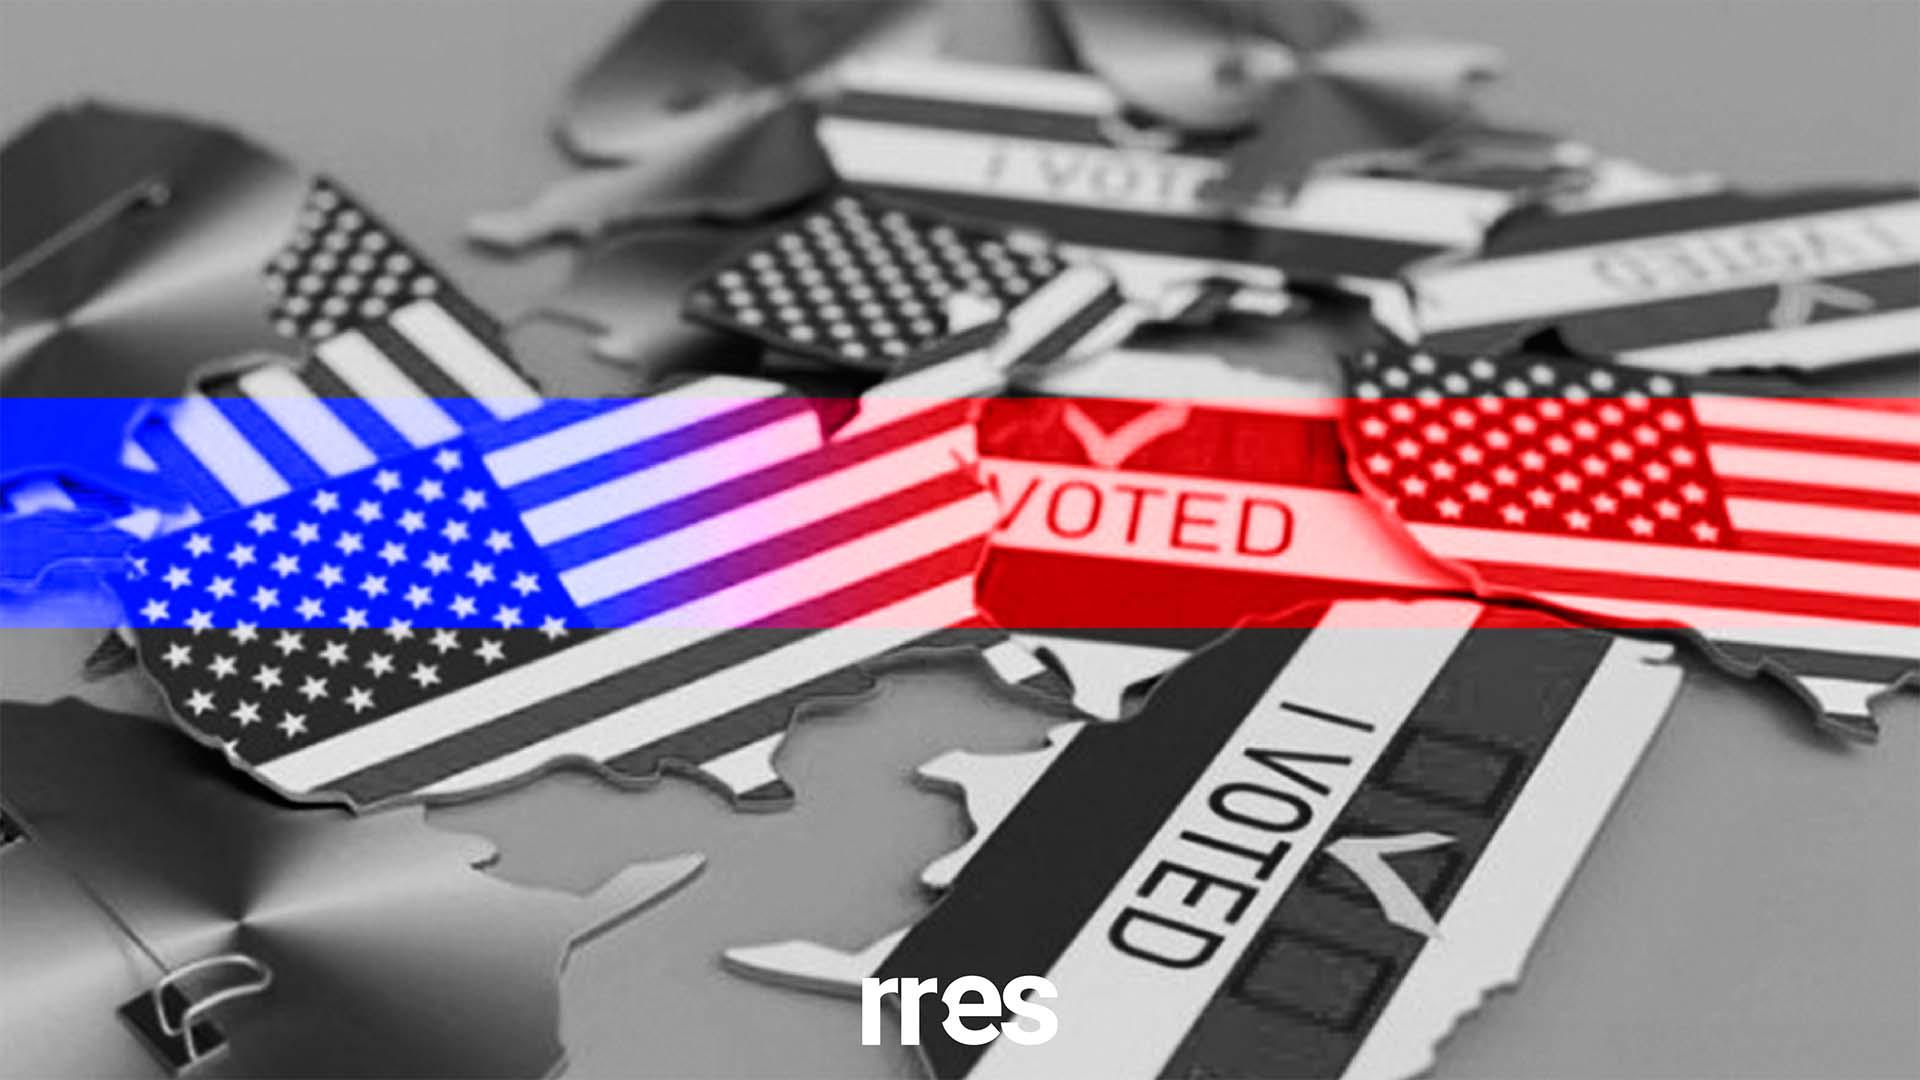 El complejo proceso electoral en los Estados Unidos, por Vicente Emilio Vallenilla*